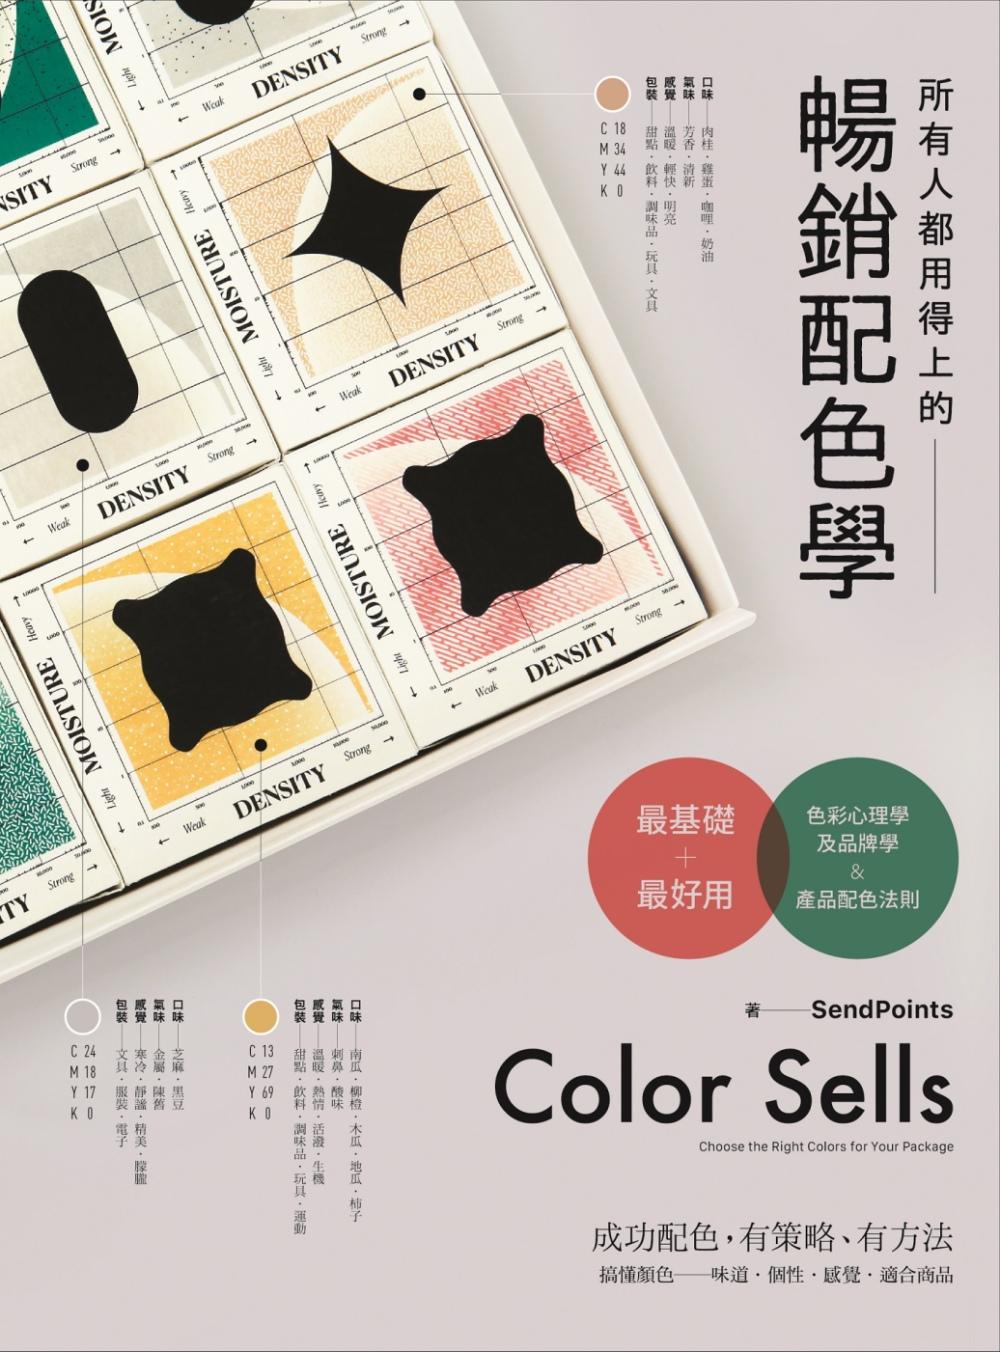 所有人都用得上的暢銷配色學:最實用的色彩心理學,搞懂色彩味道、個性和適用產品, 成功配色有方法